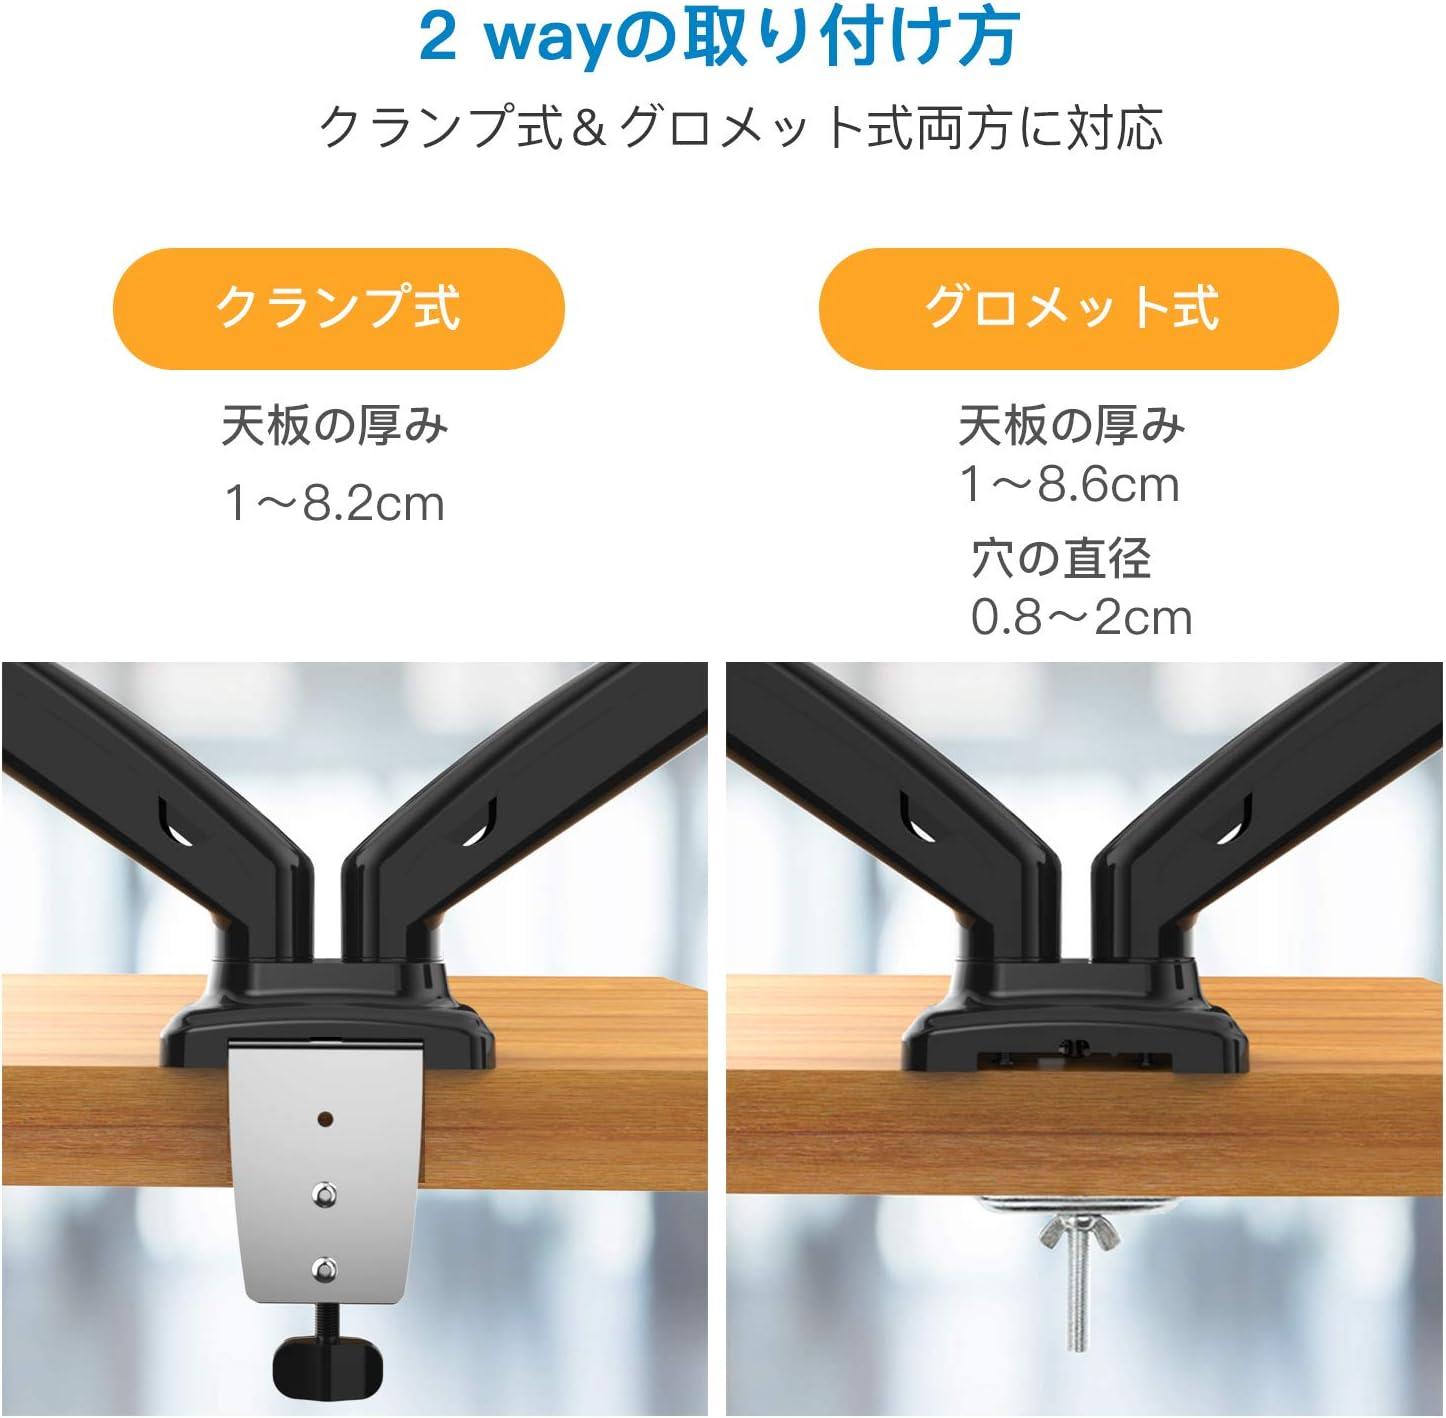 HUANUO モニターアーム 2画面 デュアル ディスプレイアーム ガススプリング式 17~32インチ対応 耐荷重1-8kg グロメット式&クランプ式 VESA100*100 (モニターアーム)